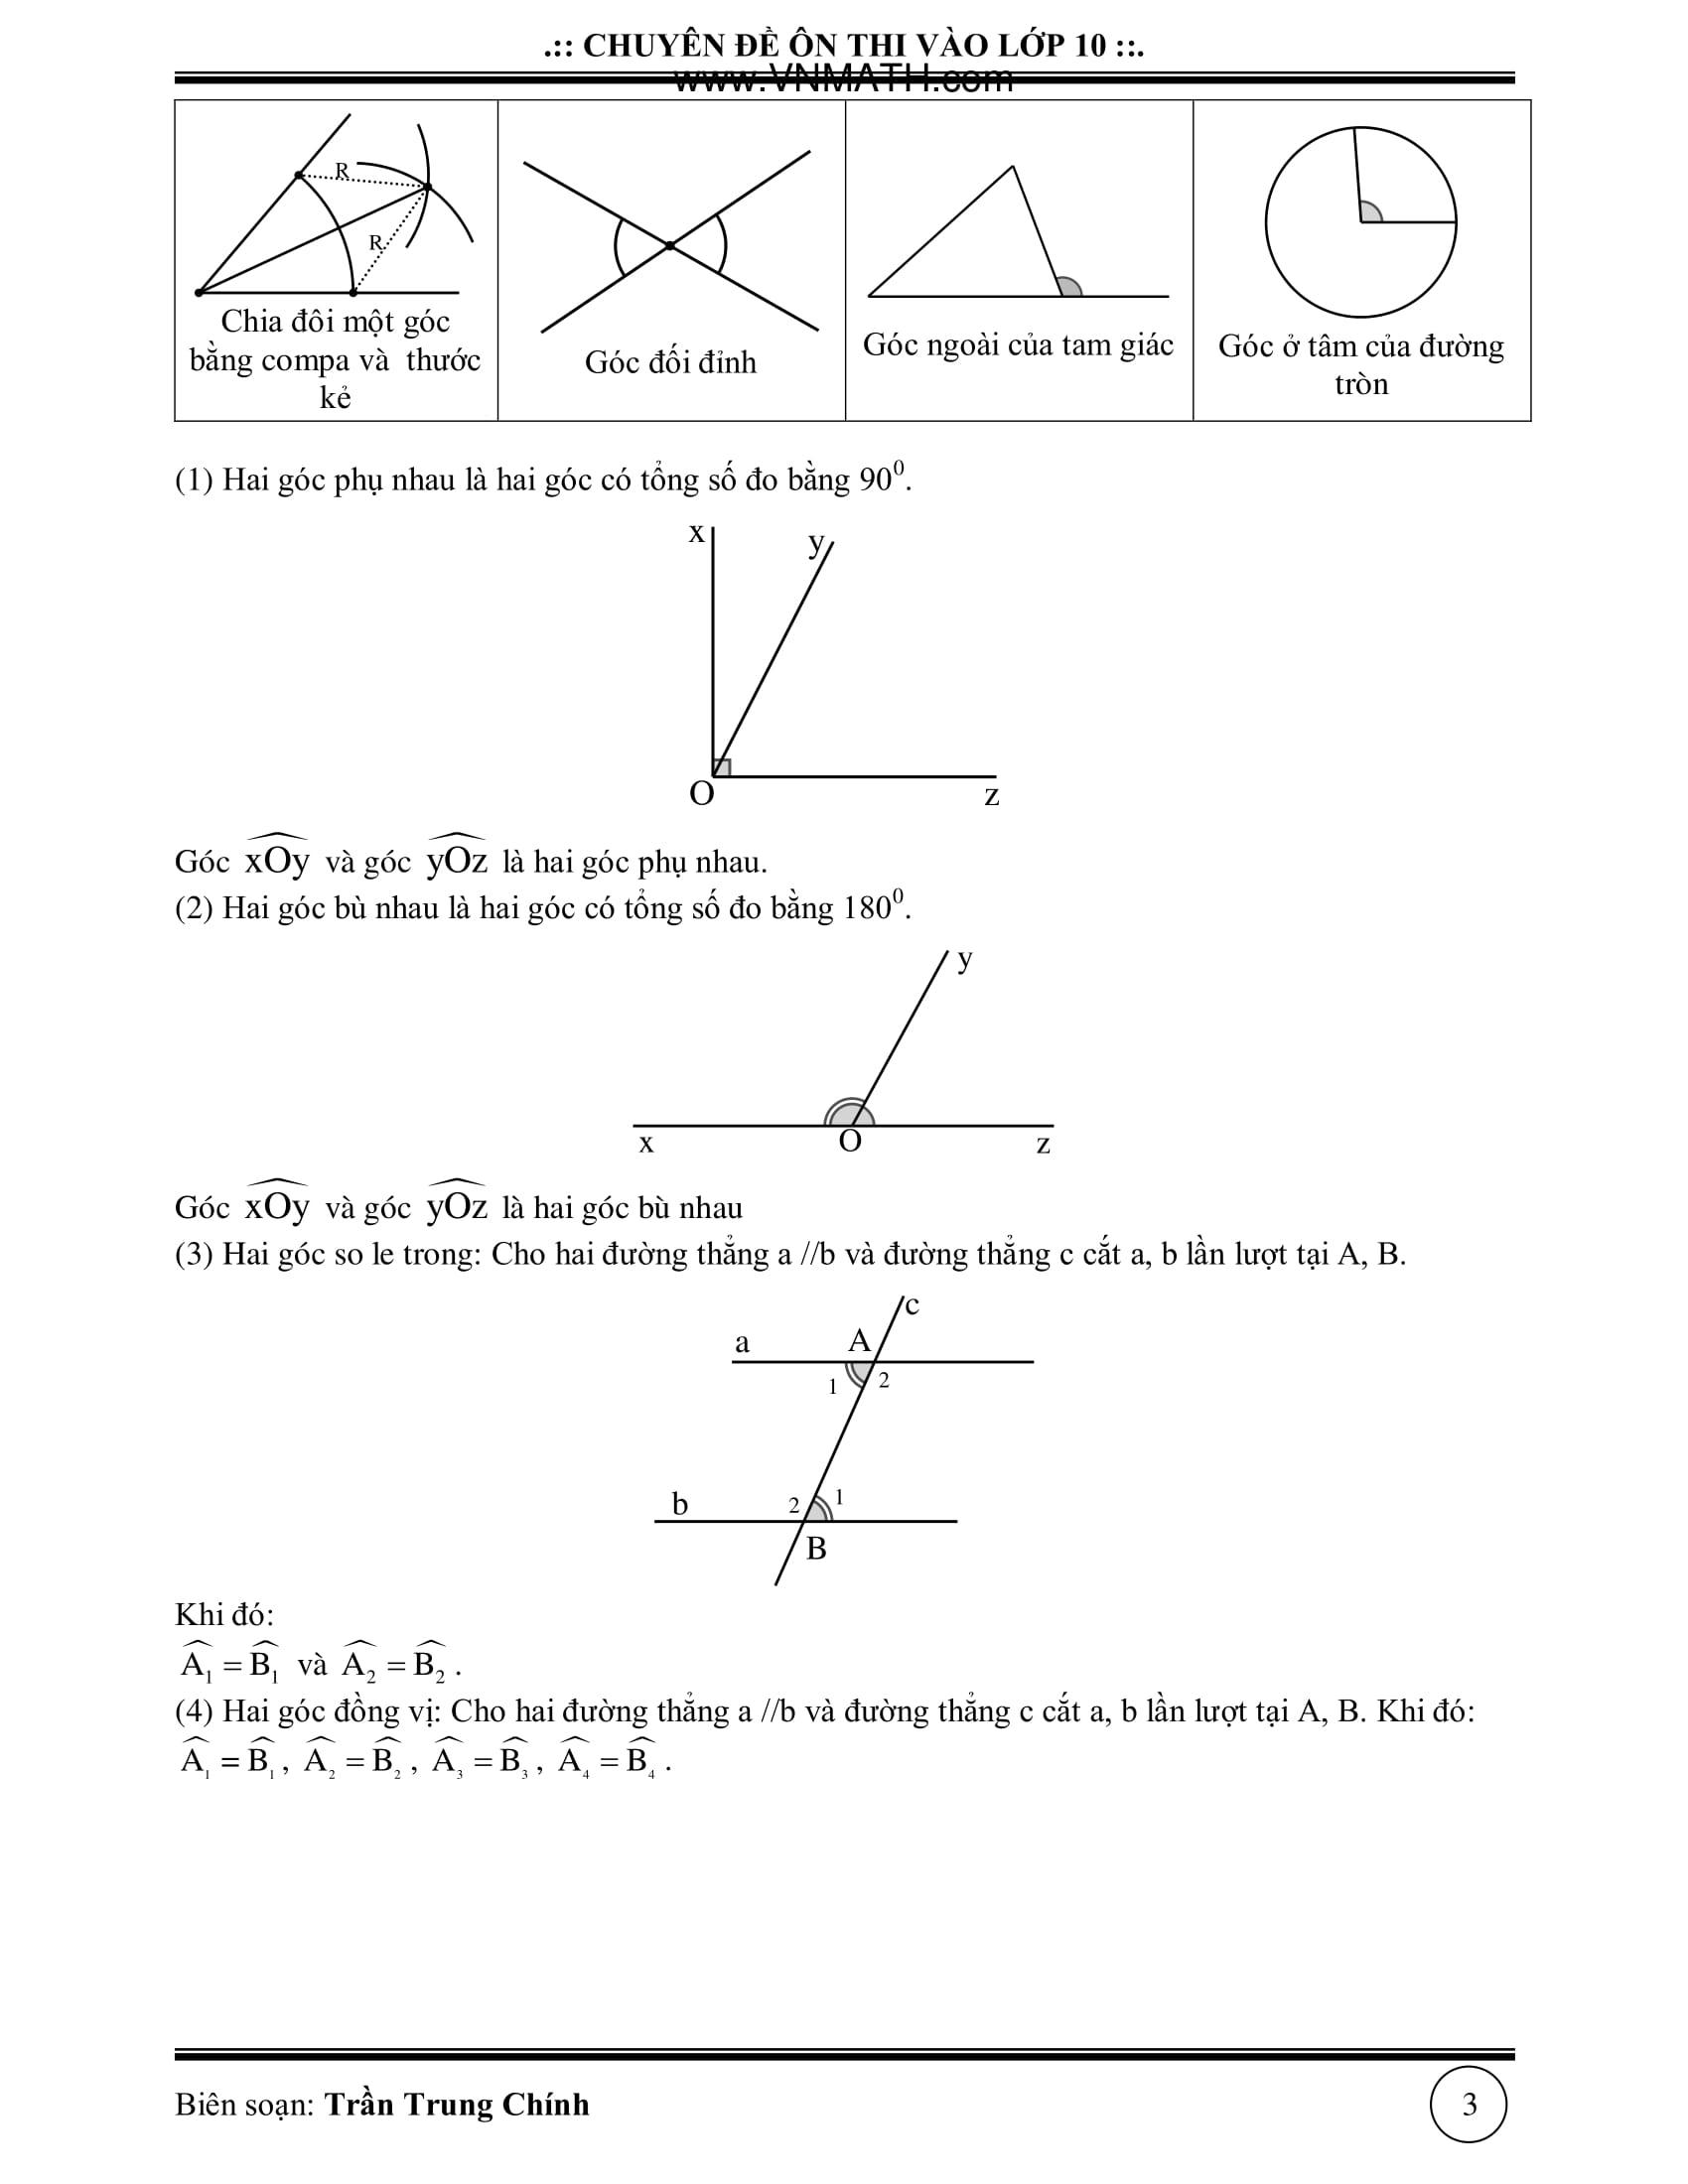 Đề cương Toán 9 hình học cả năm được tổng hợp